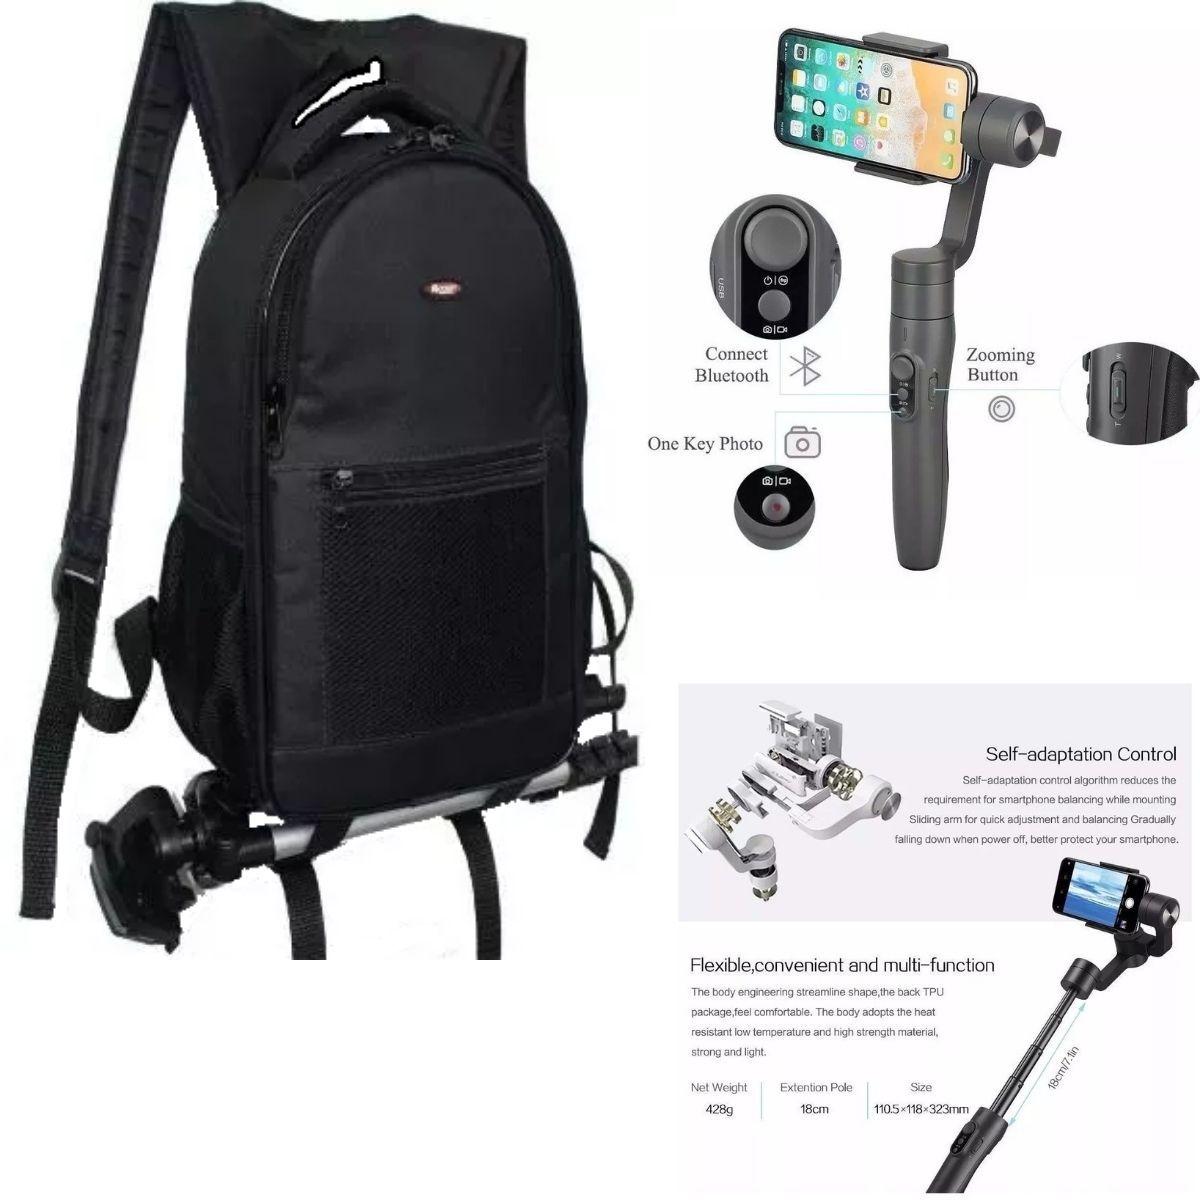 Kit Com Mochila Profissional Para Câmeras DSLR Fotográficas E Estabilizador De Câmeras Gimbal Celulares E Câmeras